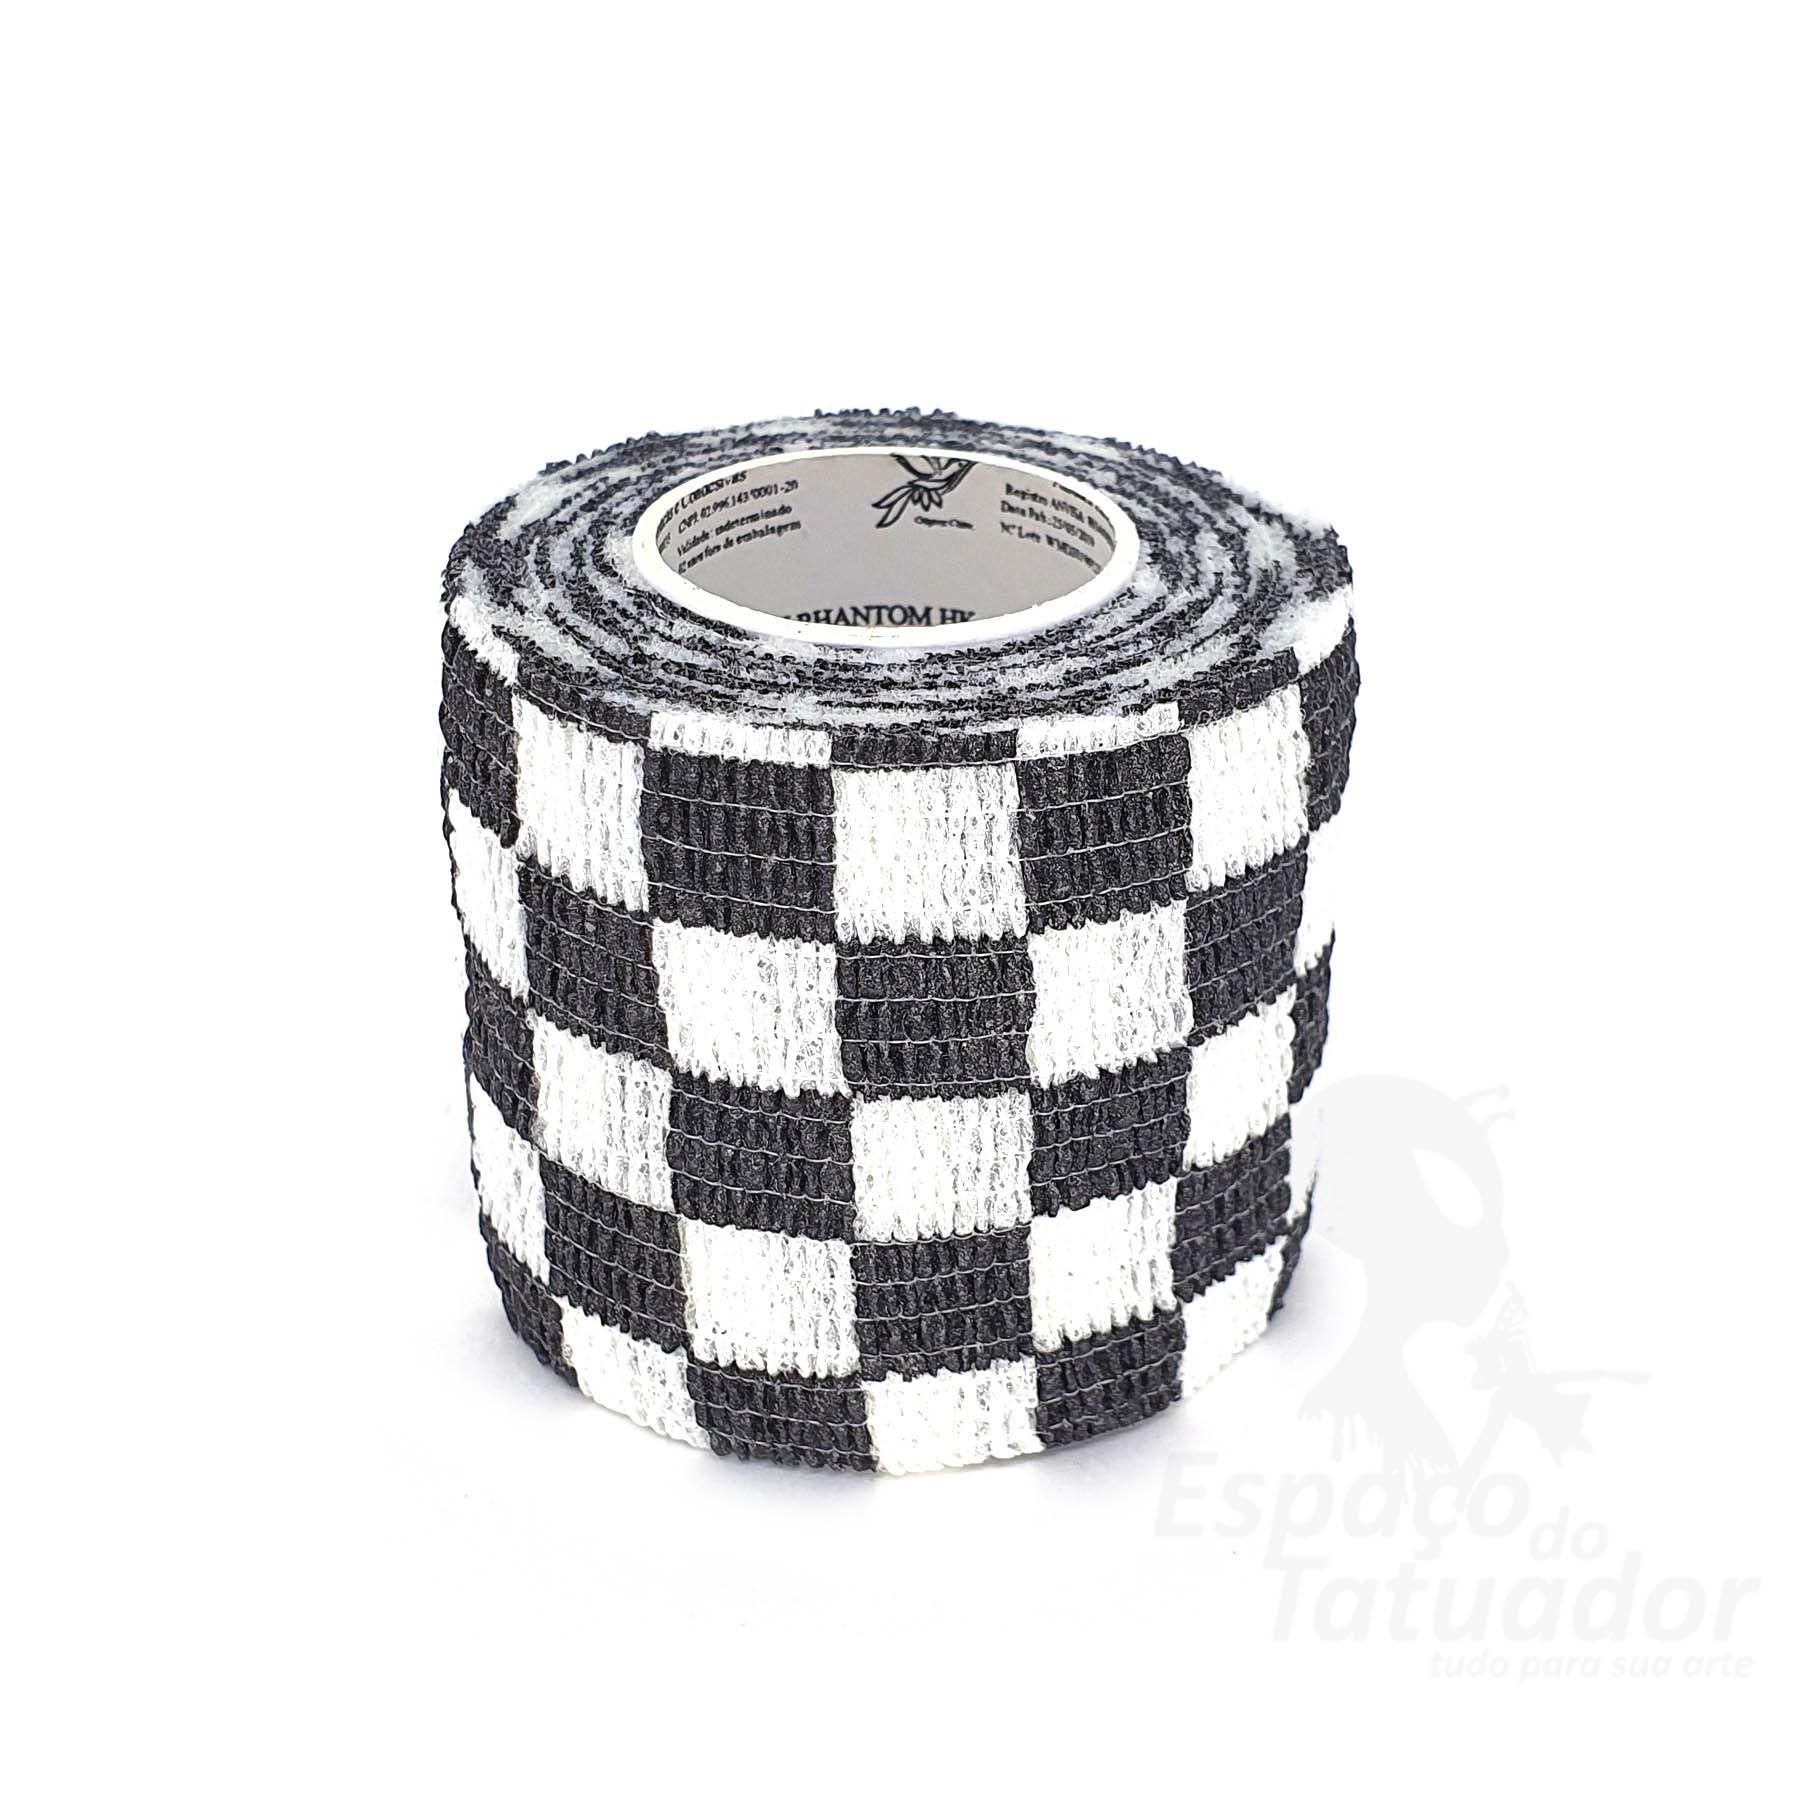 Bandagem Custom Phantom HK - 5cm x 4,5m - Black Grid